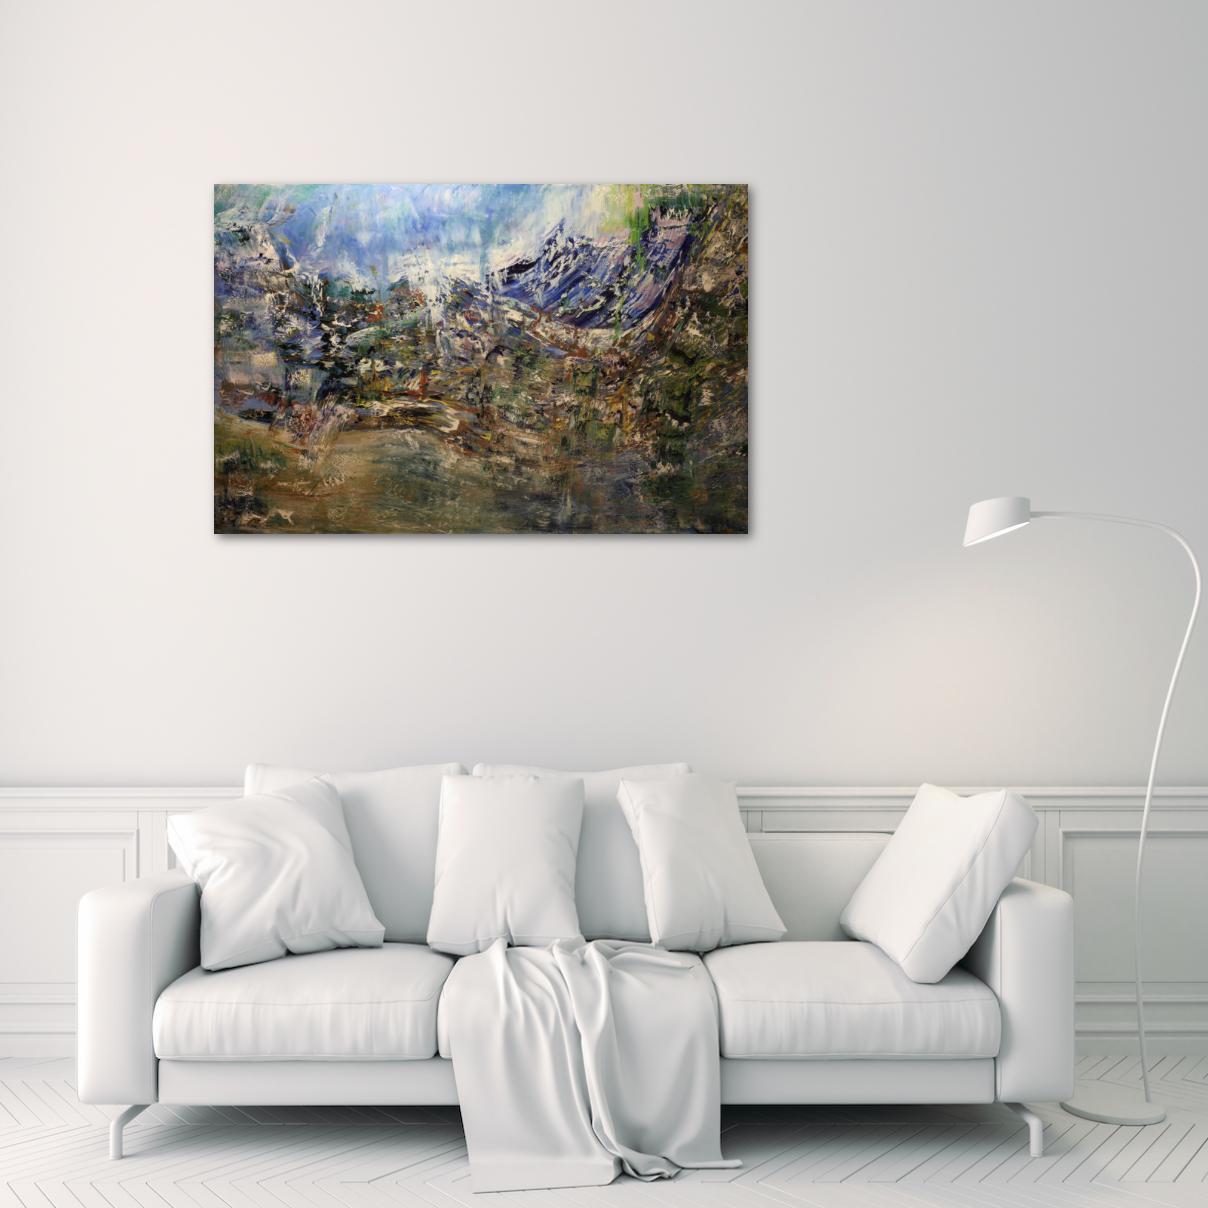 Выставочная картина Большая картина маслом холст на подрамнике размер 100Х150 2019-III-50. В наличии